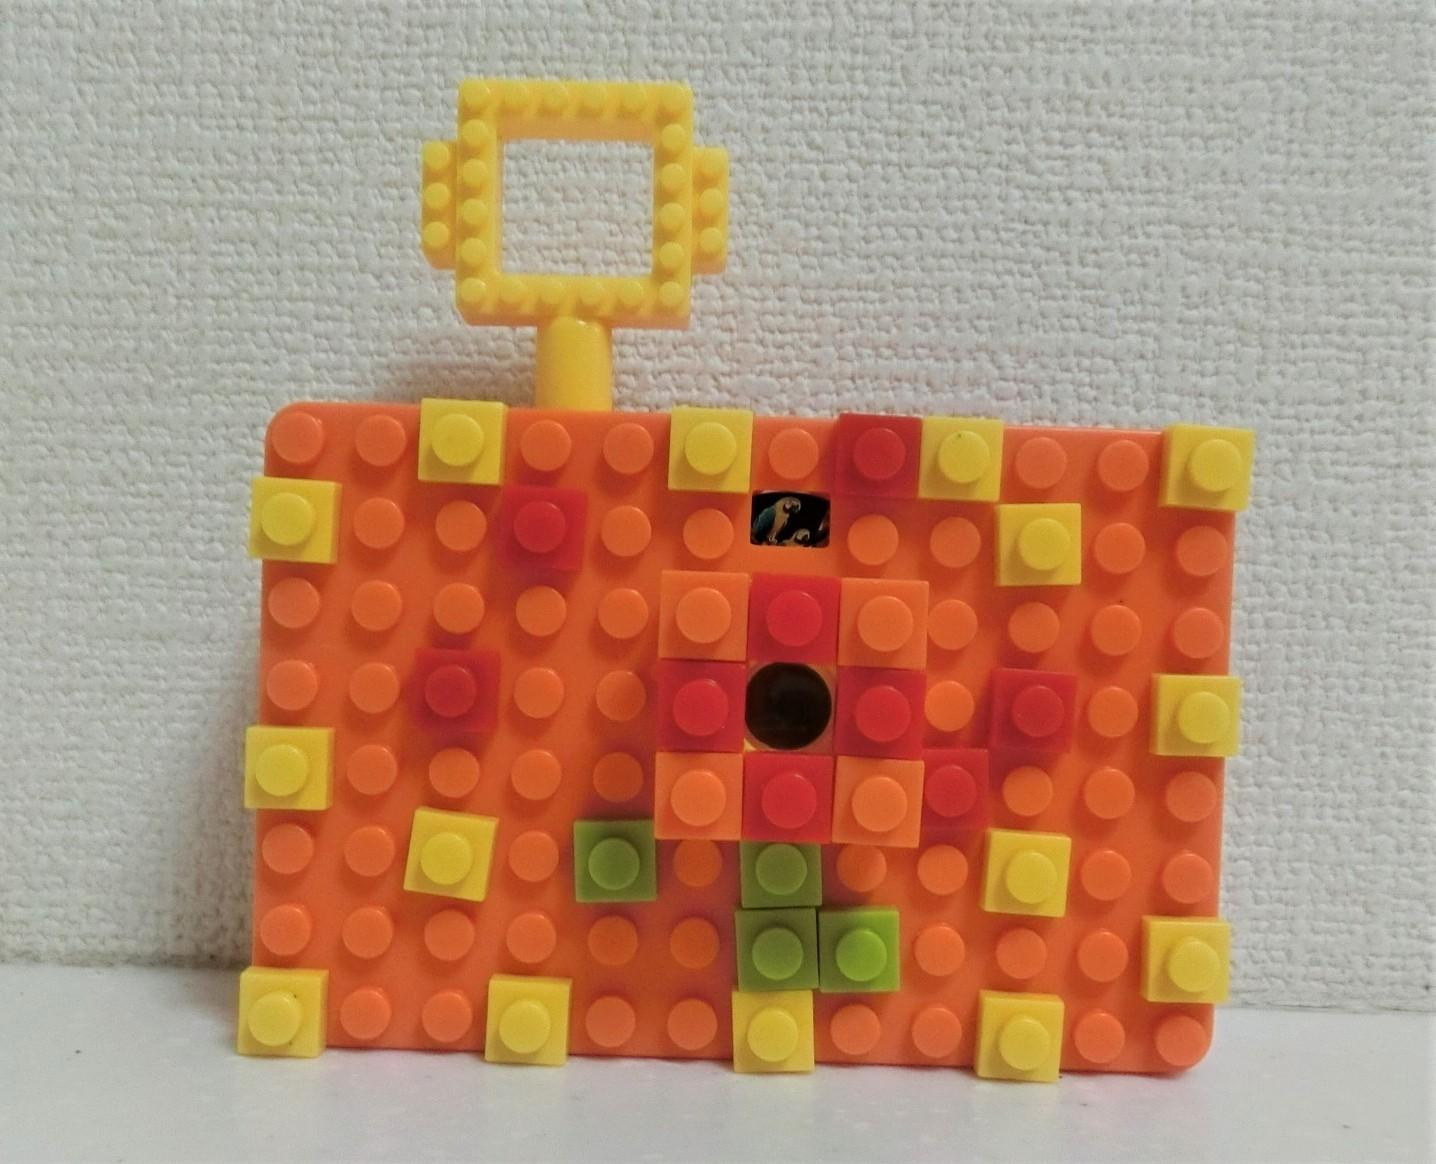 ダイソー 100均 ブロック投影機